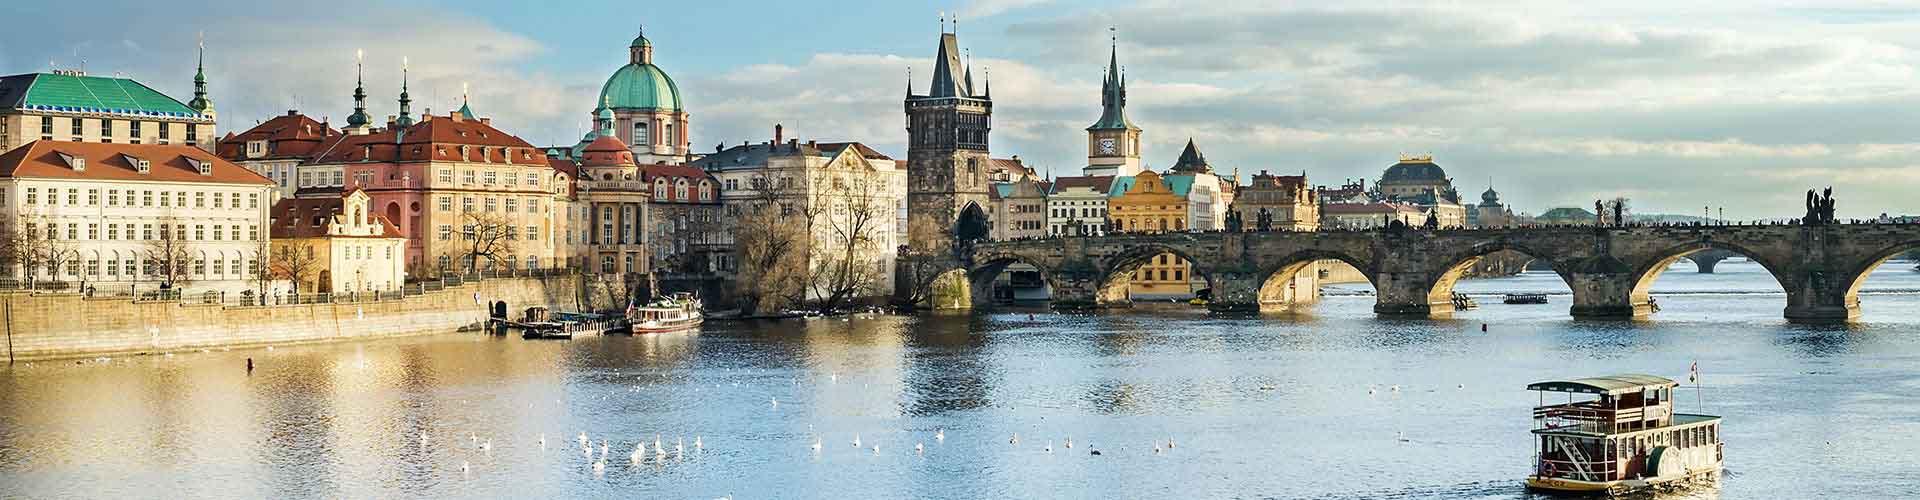 Praga – Ostelli nella zona  Praga 1. Mappe per Praga, Foto e Recensioni per ogni Ostello a Praga.